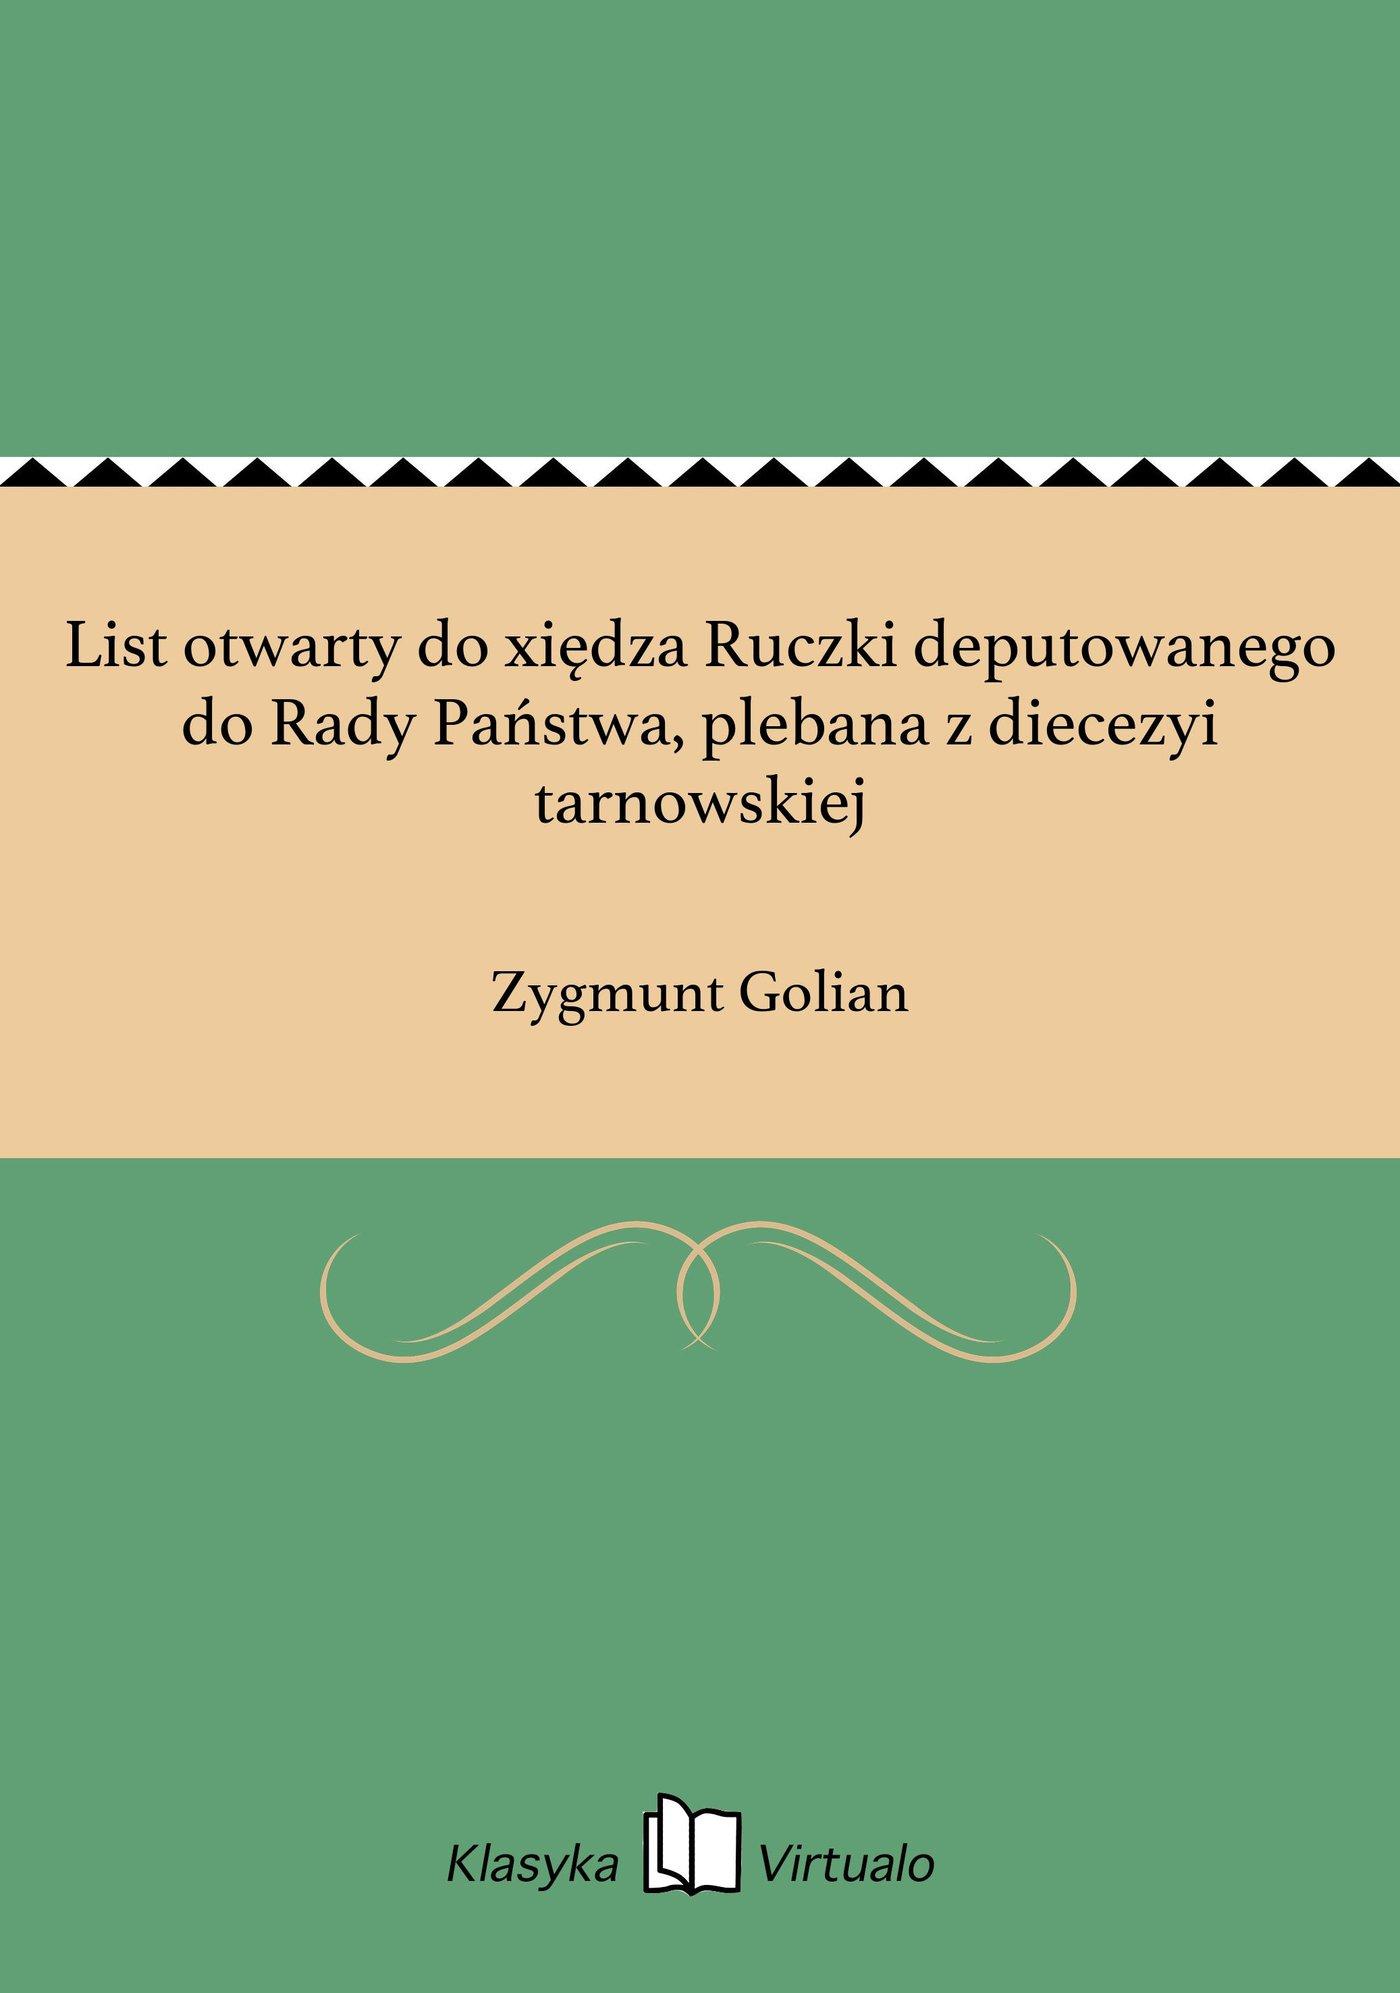 List otwarty do xiędza Ruczki deputowanego do Rady Państwa, plebana z diecezyi tarnowskiej - Ebook (Książka na Kindle) do pobrania w formacie MOBI